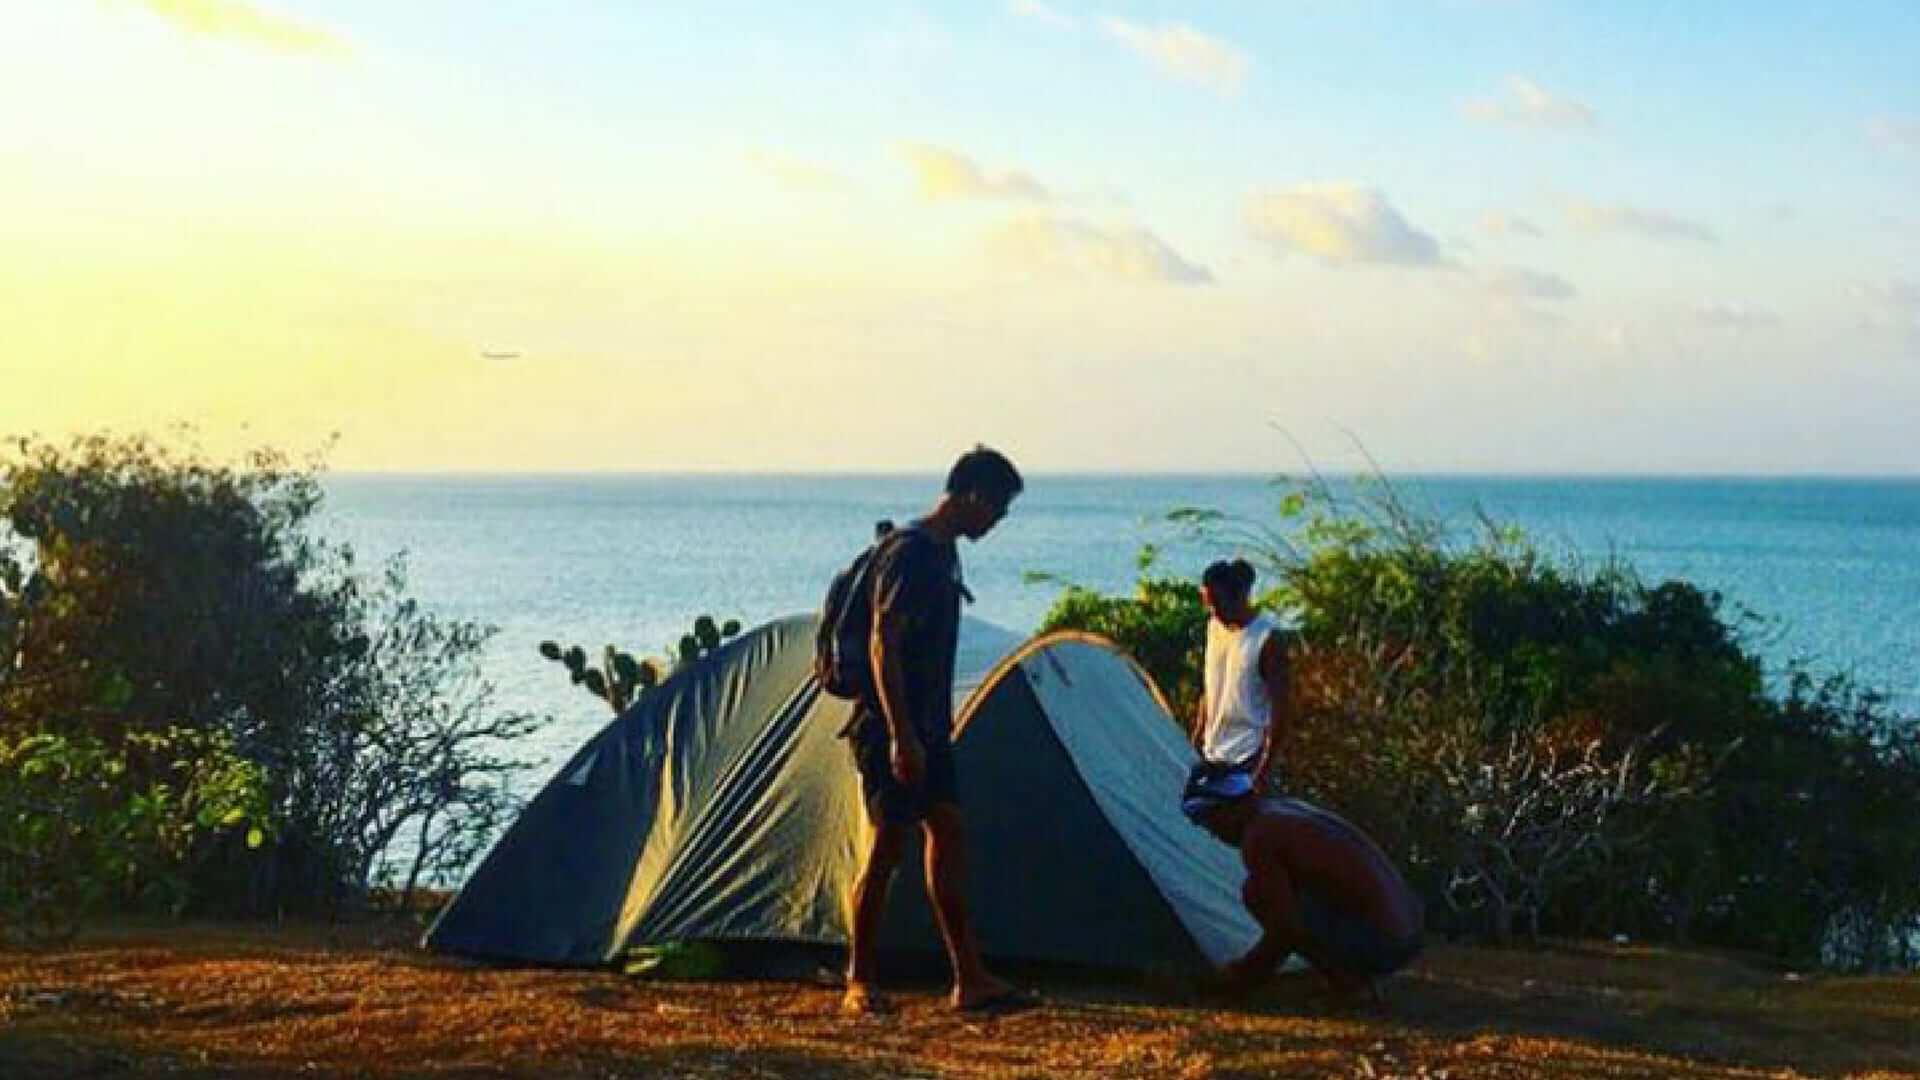 Three men pitching a tent during sunset at JImbaran Beach.